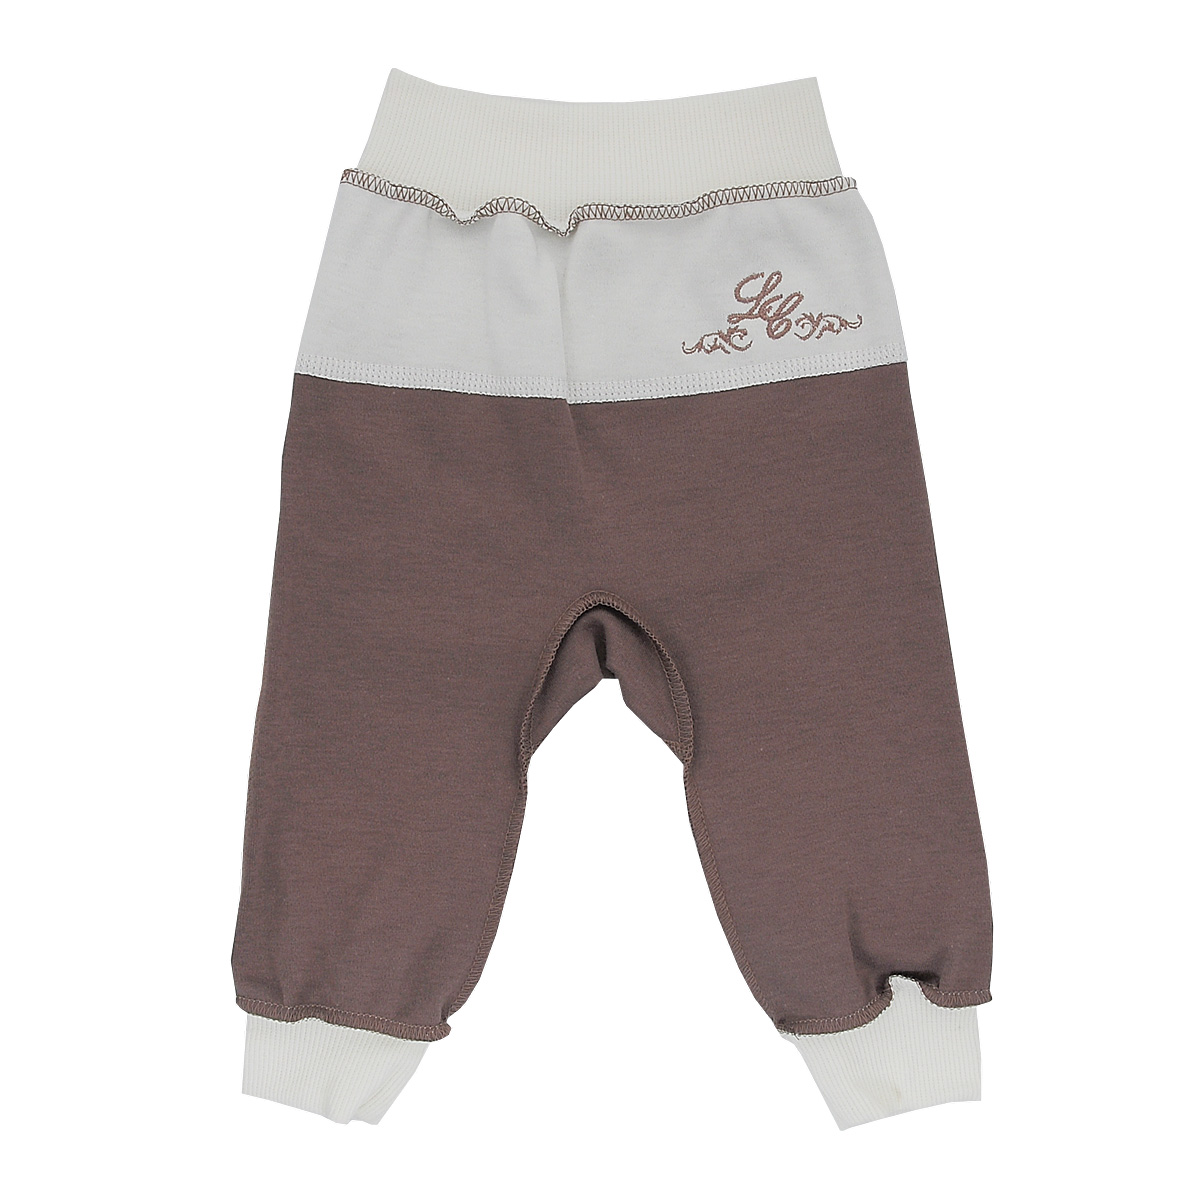 Брюки для мальчика Lucky Child, цвет: кофейный. 20-11. Размер 86/9220-11Стильные брюки для мальчика Lucky Child станут прекрасным дополнением к гардеробу вашего малыша. Изготовленные из натурального хлопка, они необычайно мягкие и приятные на ощупь, не сковывают движения ребенка и позволяют коже дышать, не раздражают даже самую нежную и чувствительную кожу ребенка, обеспечивая ему наибольший комфорт. Брюки выполнены швами наружу, на талии имеют широкую эластичную резинку, благодаря чему они не сдавливают животик ребенка и не сползают. Снизу брючины дополнены широкими трикотажными манжетами. Спереди брюки дополнены контрастной вставкой, оформленной вышивкой.В таких брюках ваш ребенок будет чувствовать себя уютно и комфортно и всегда будет в центре внимания!